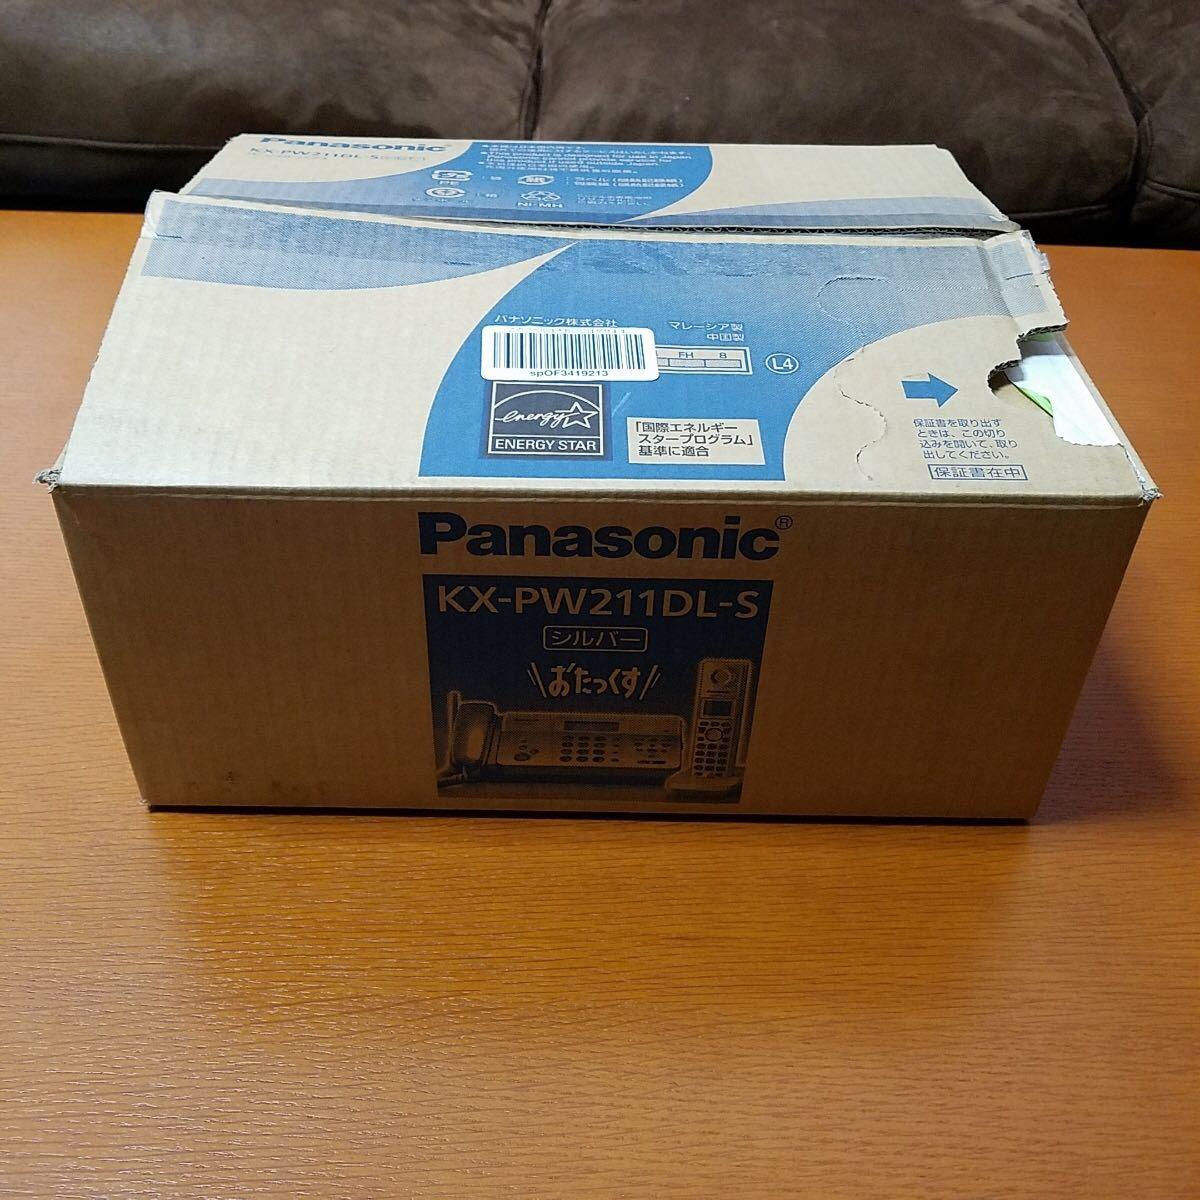 元箱入り 美品 Panasonic KX-PW211DL-S パナソニック パーソナルファックス おたっくす 電話機 親機_画像8